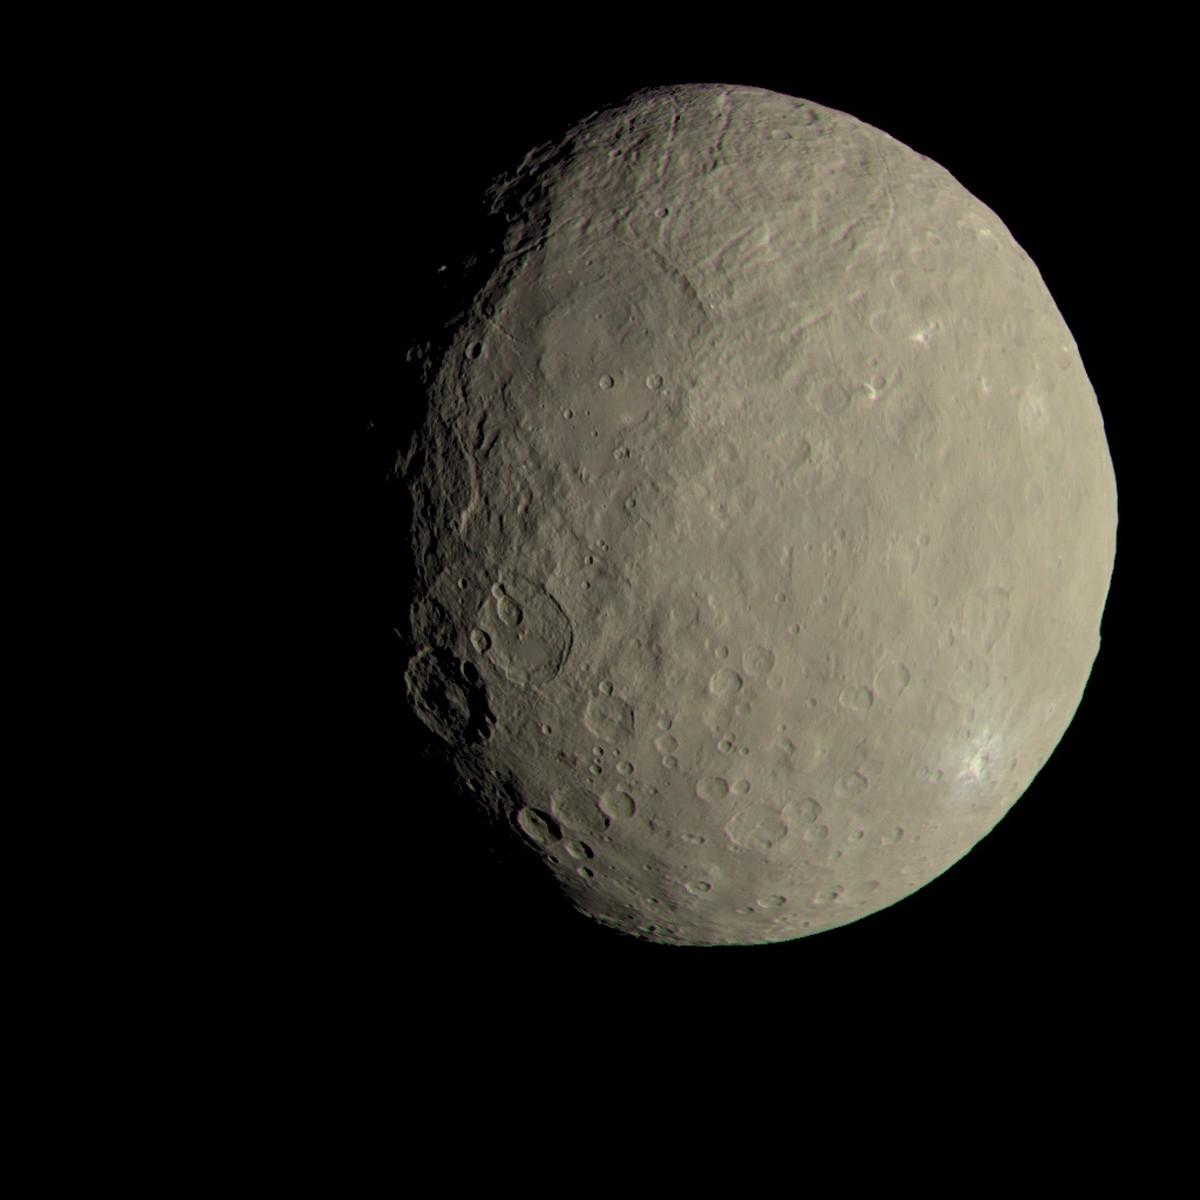 Nave especial da Nasa detecta material orgânico no planeta anão Ceres